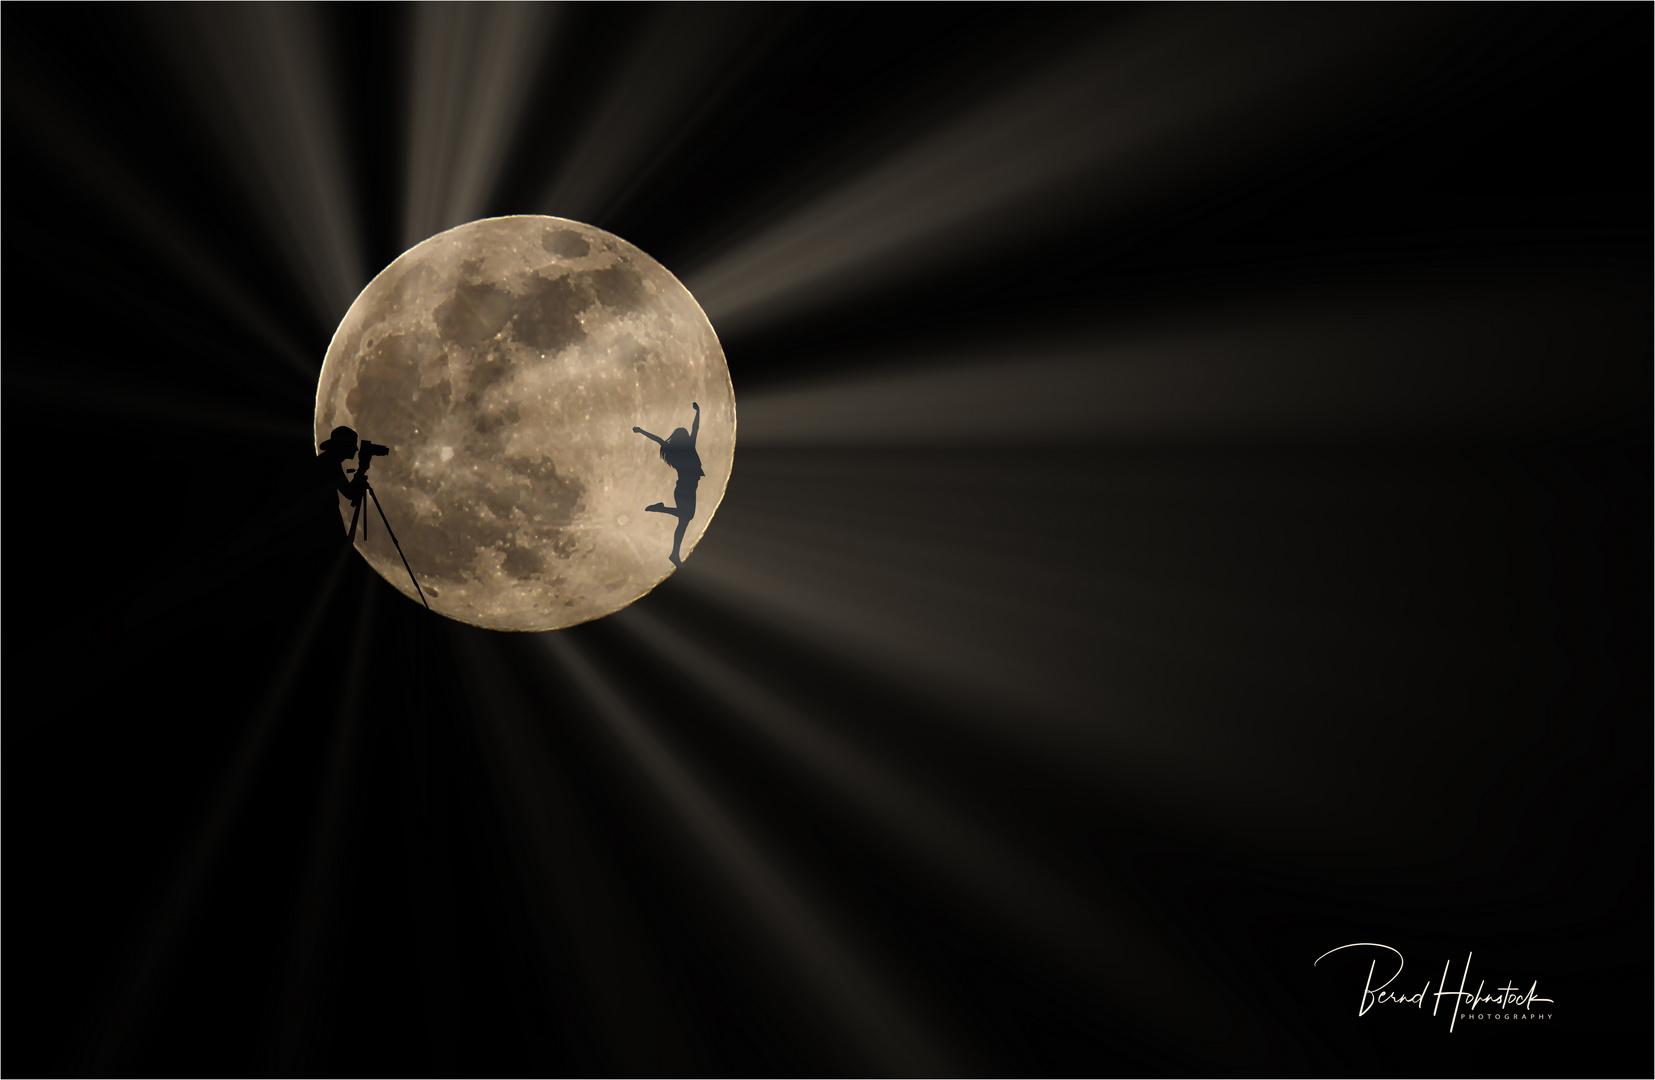 Shooting auf dem Mond ....